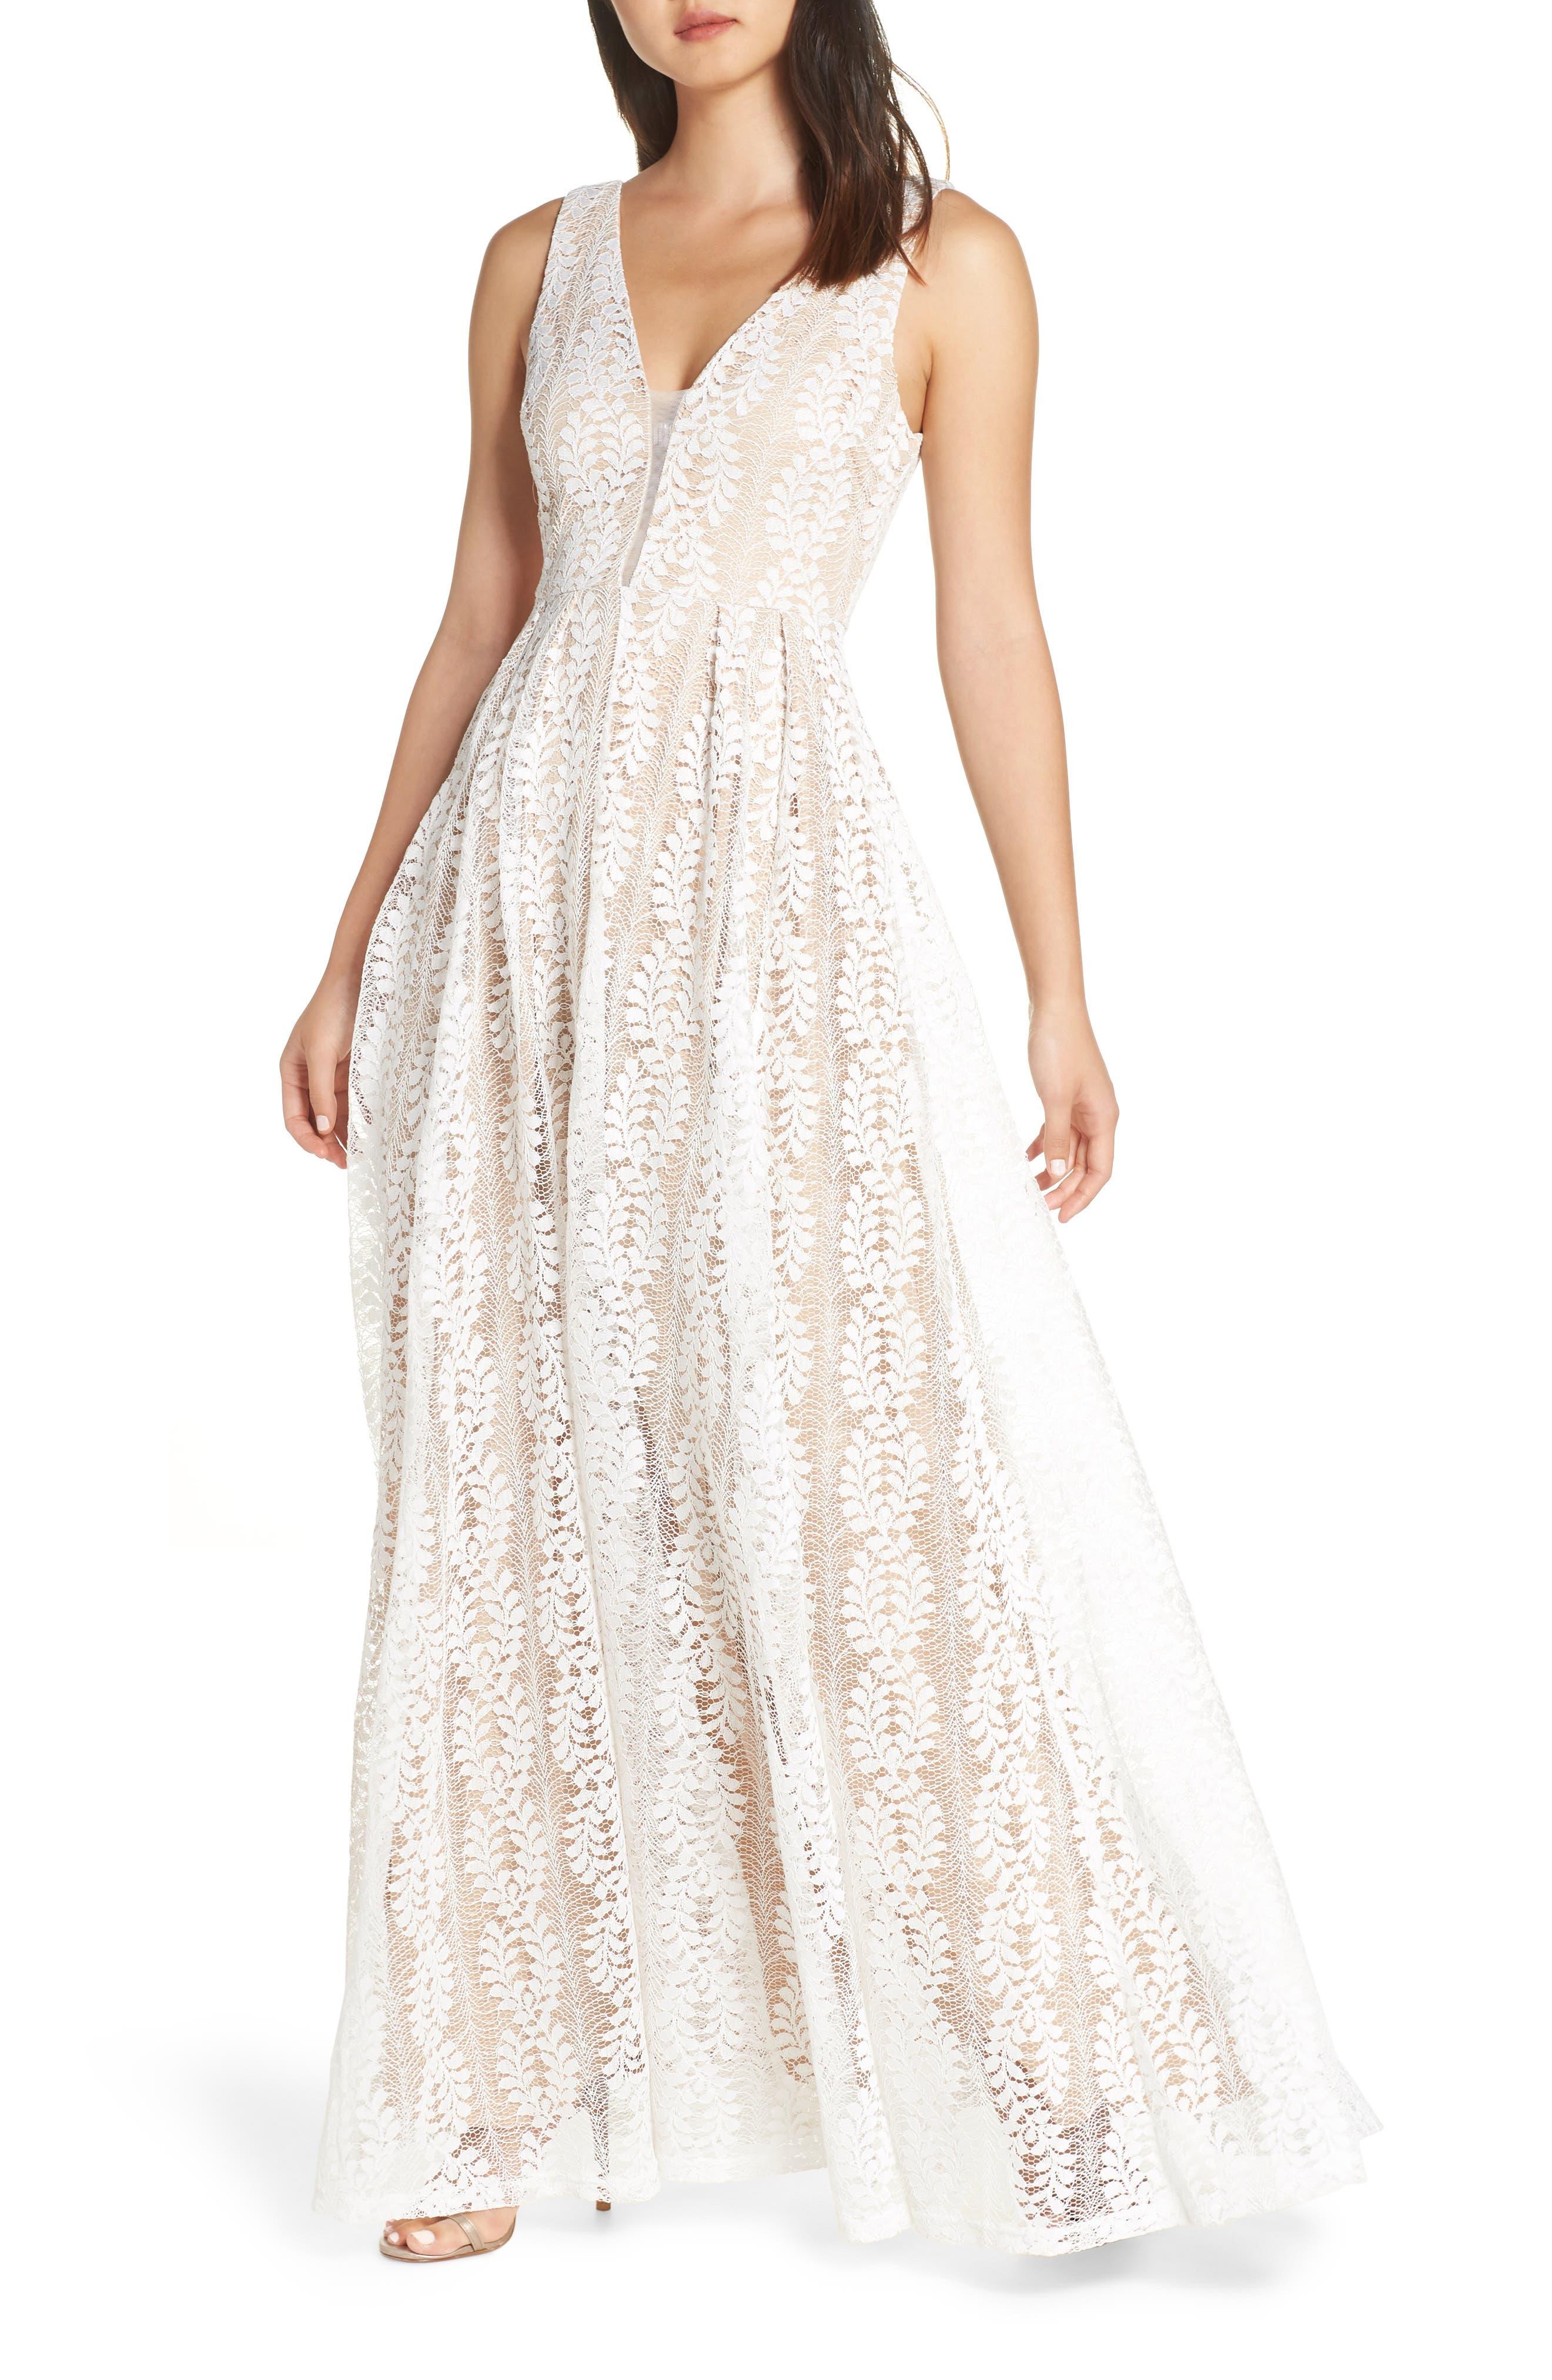 V-Neck White Lace Dress